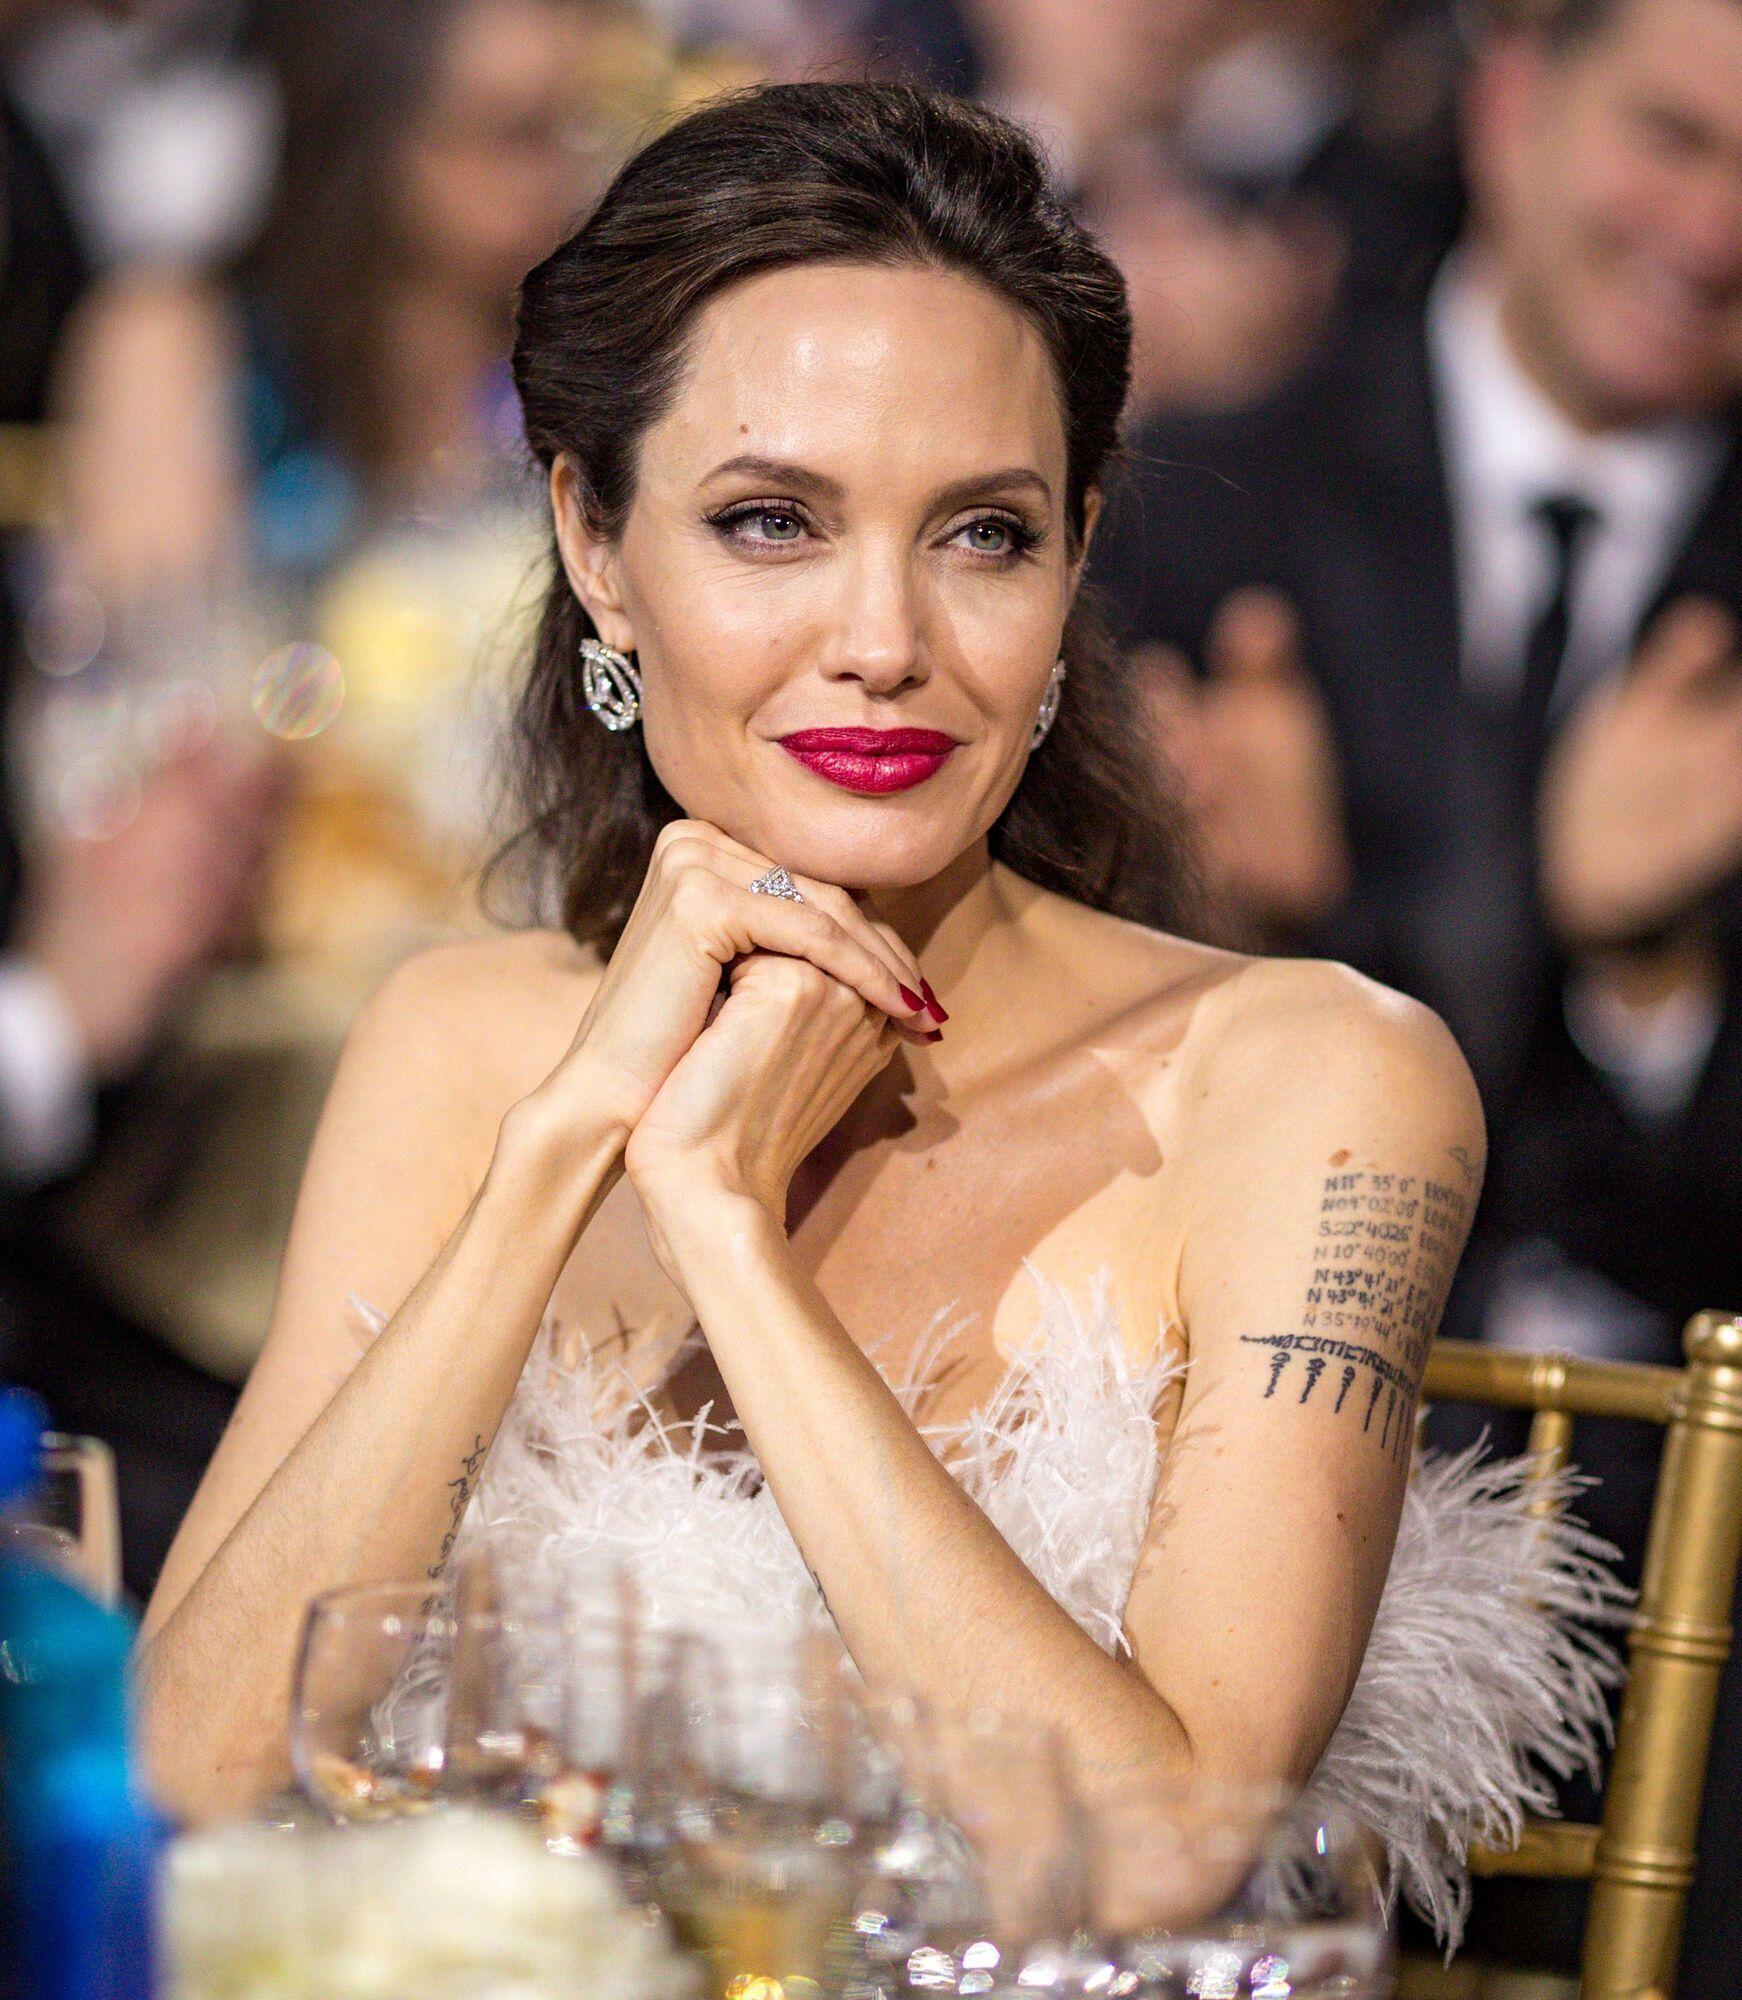 Джолі створила кілька благодійних організацій